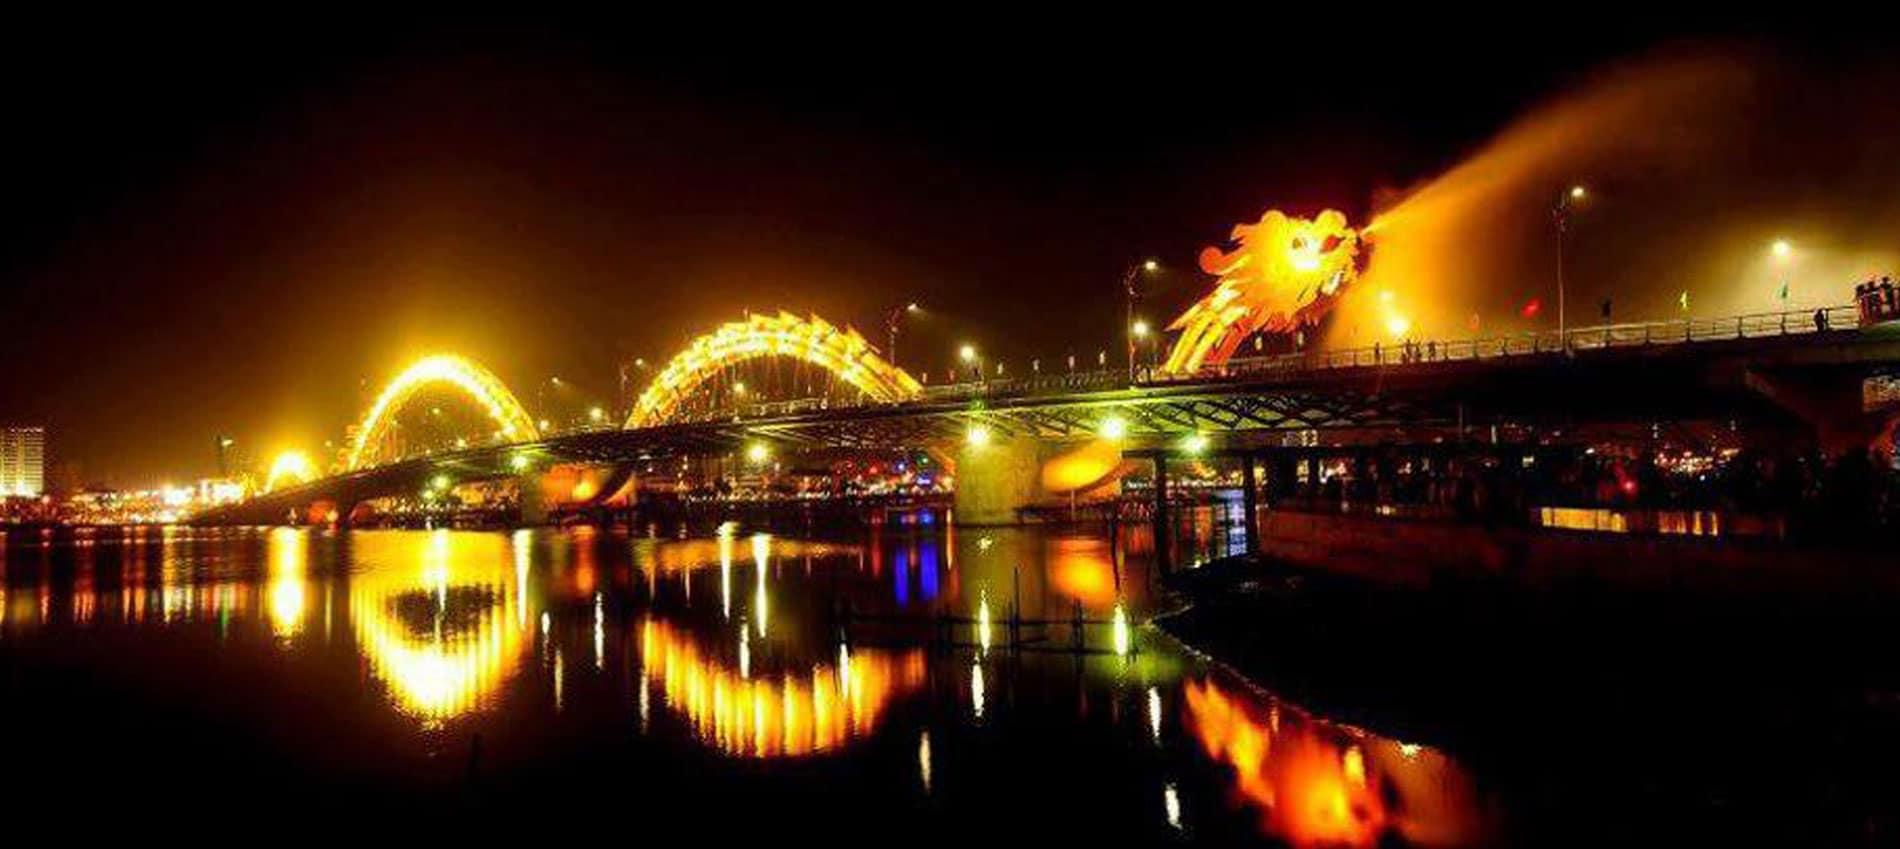 Thích thú ngắm cảnh đêm xem cầu Rồng phun lửa phun nước